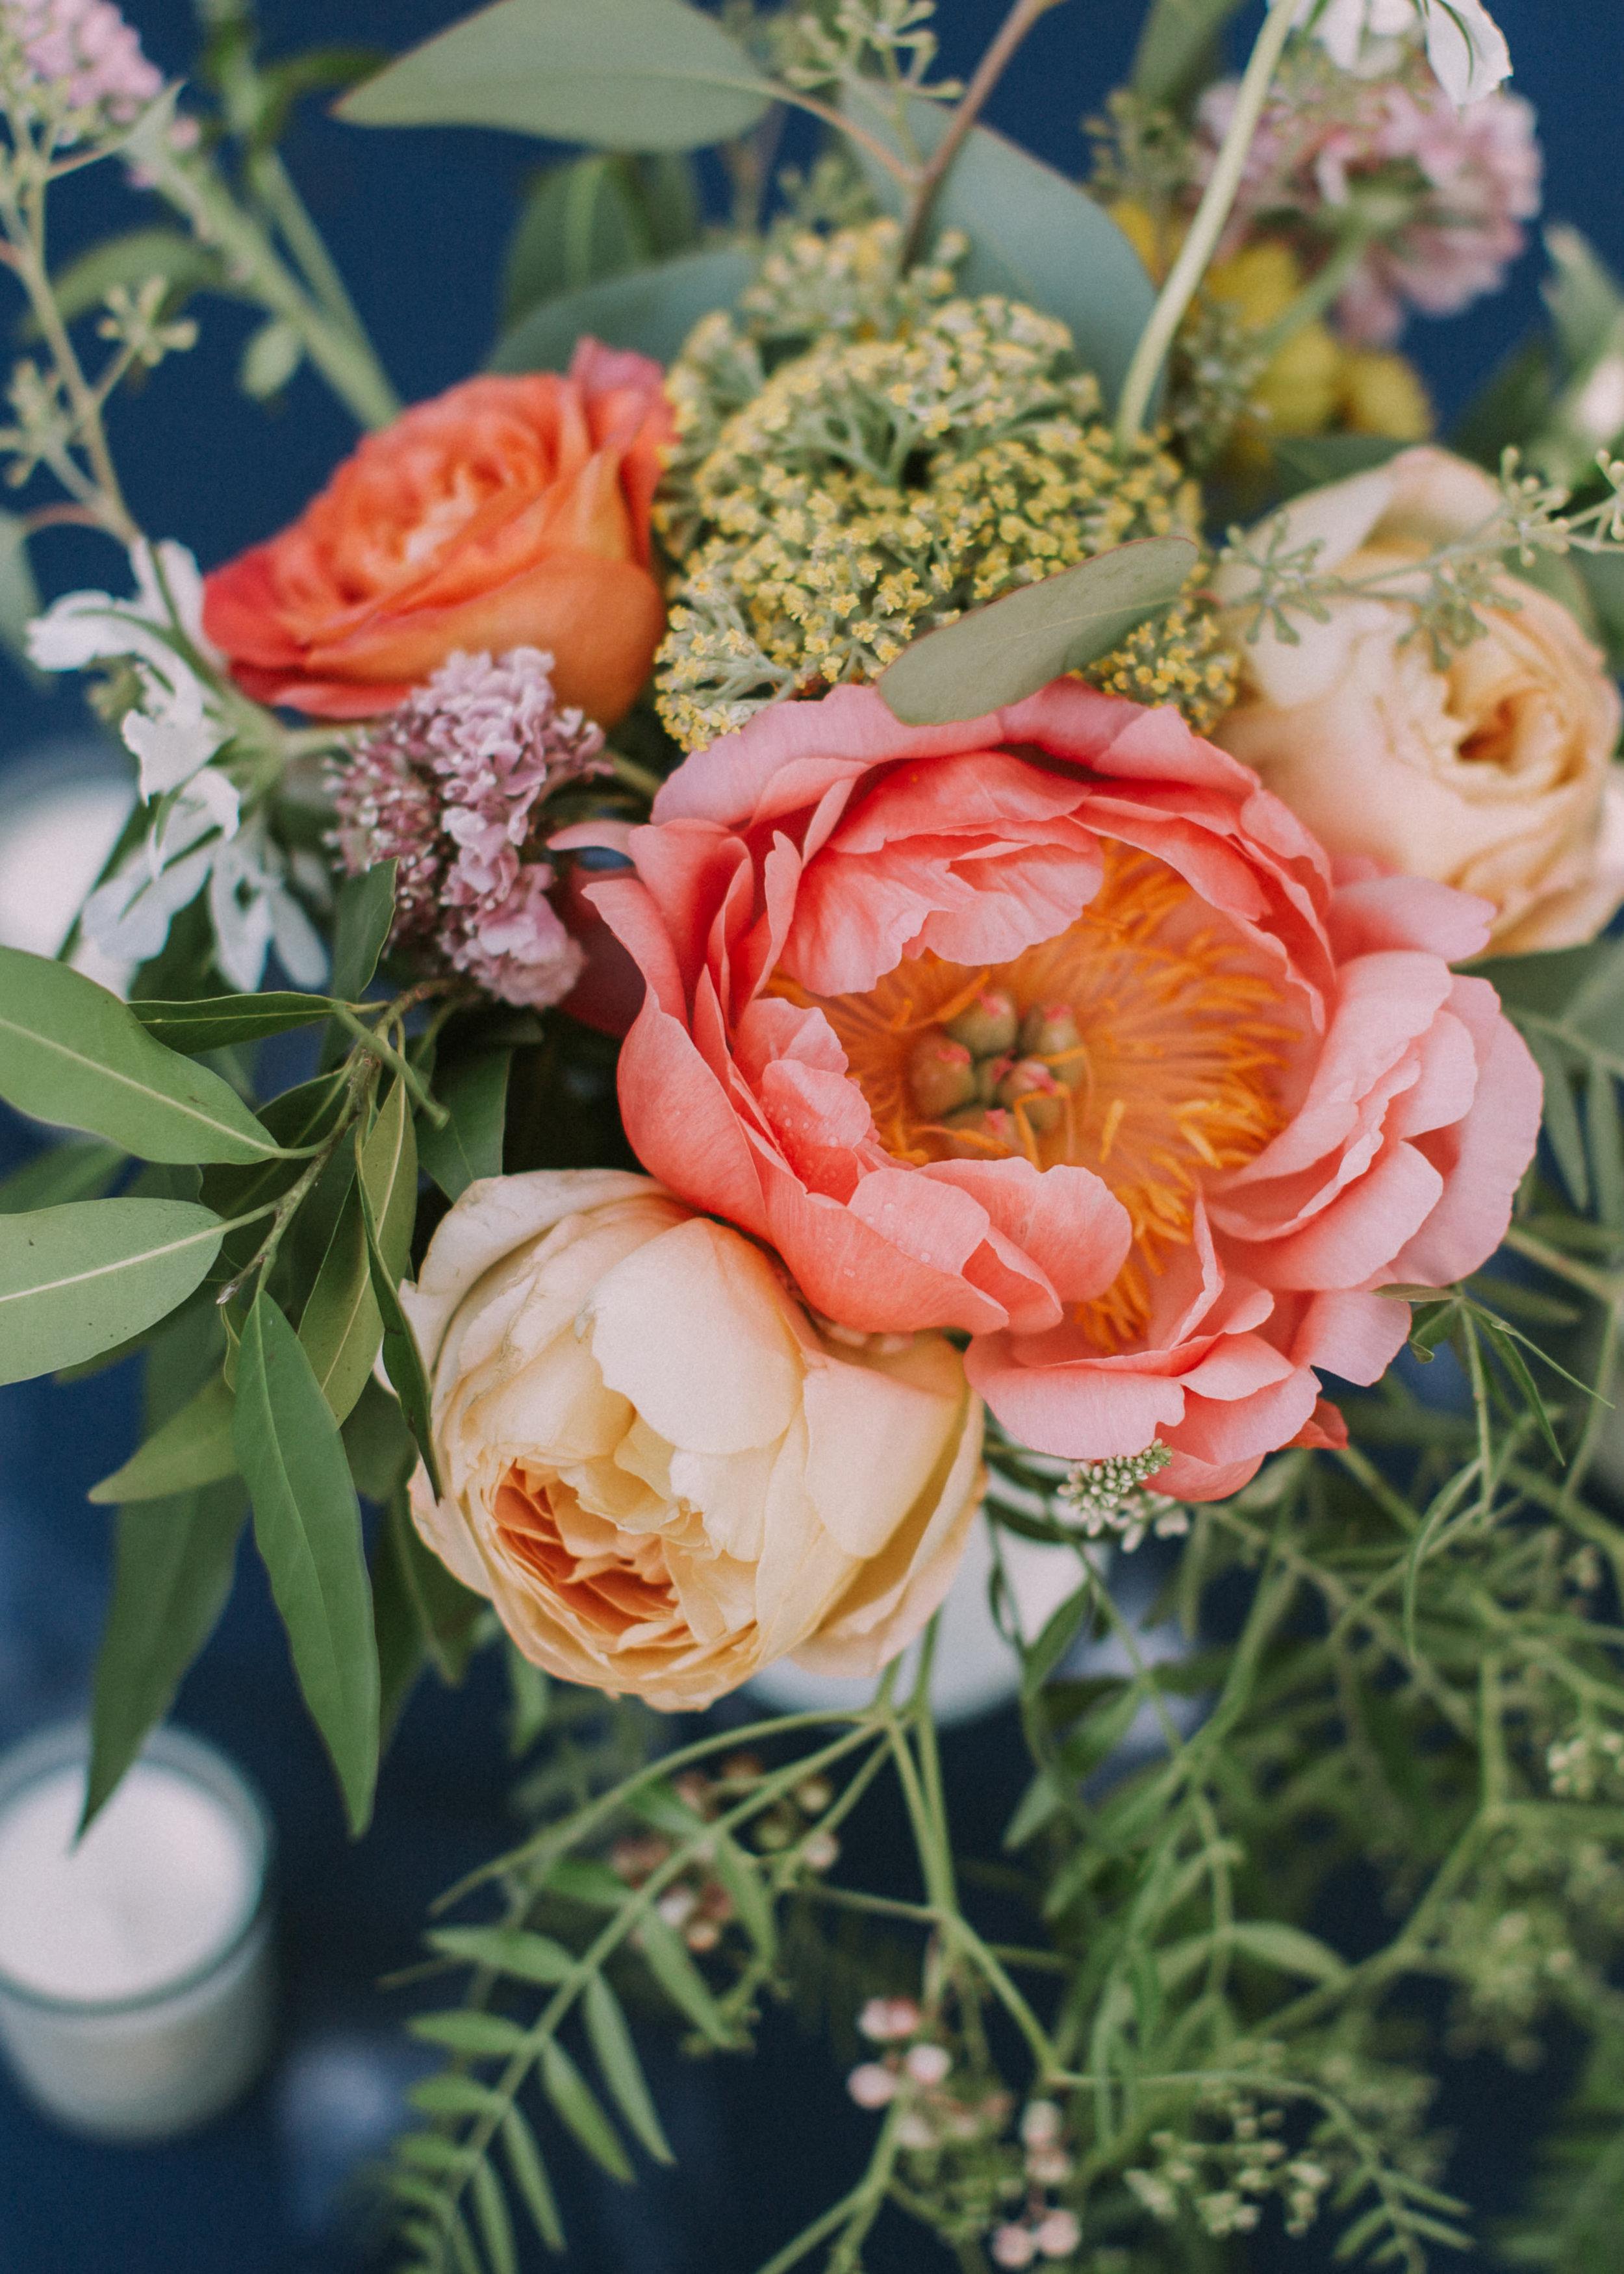 CarlaAndJacob_Wedding_Coral-Peony-on-navy-tablecloth.jpg